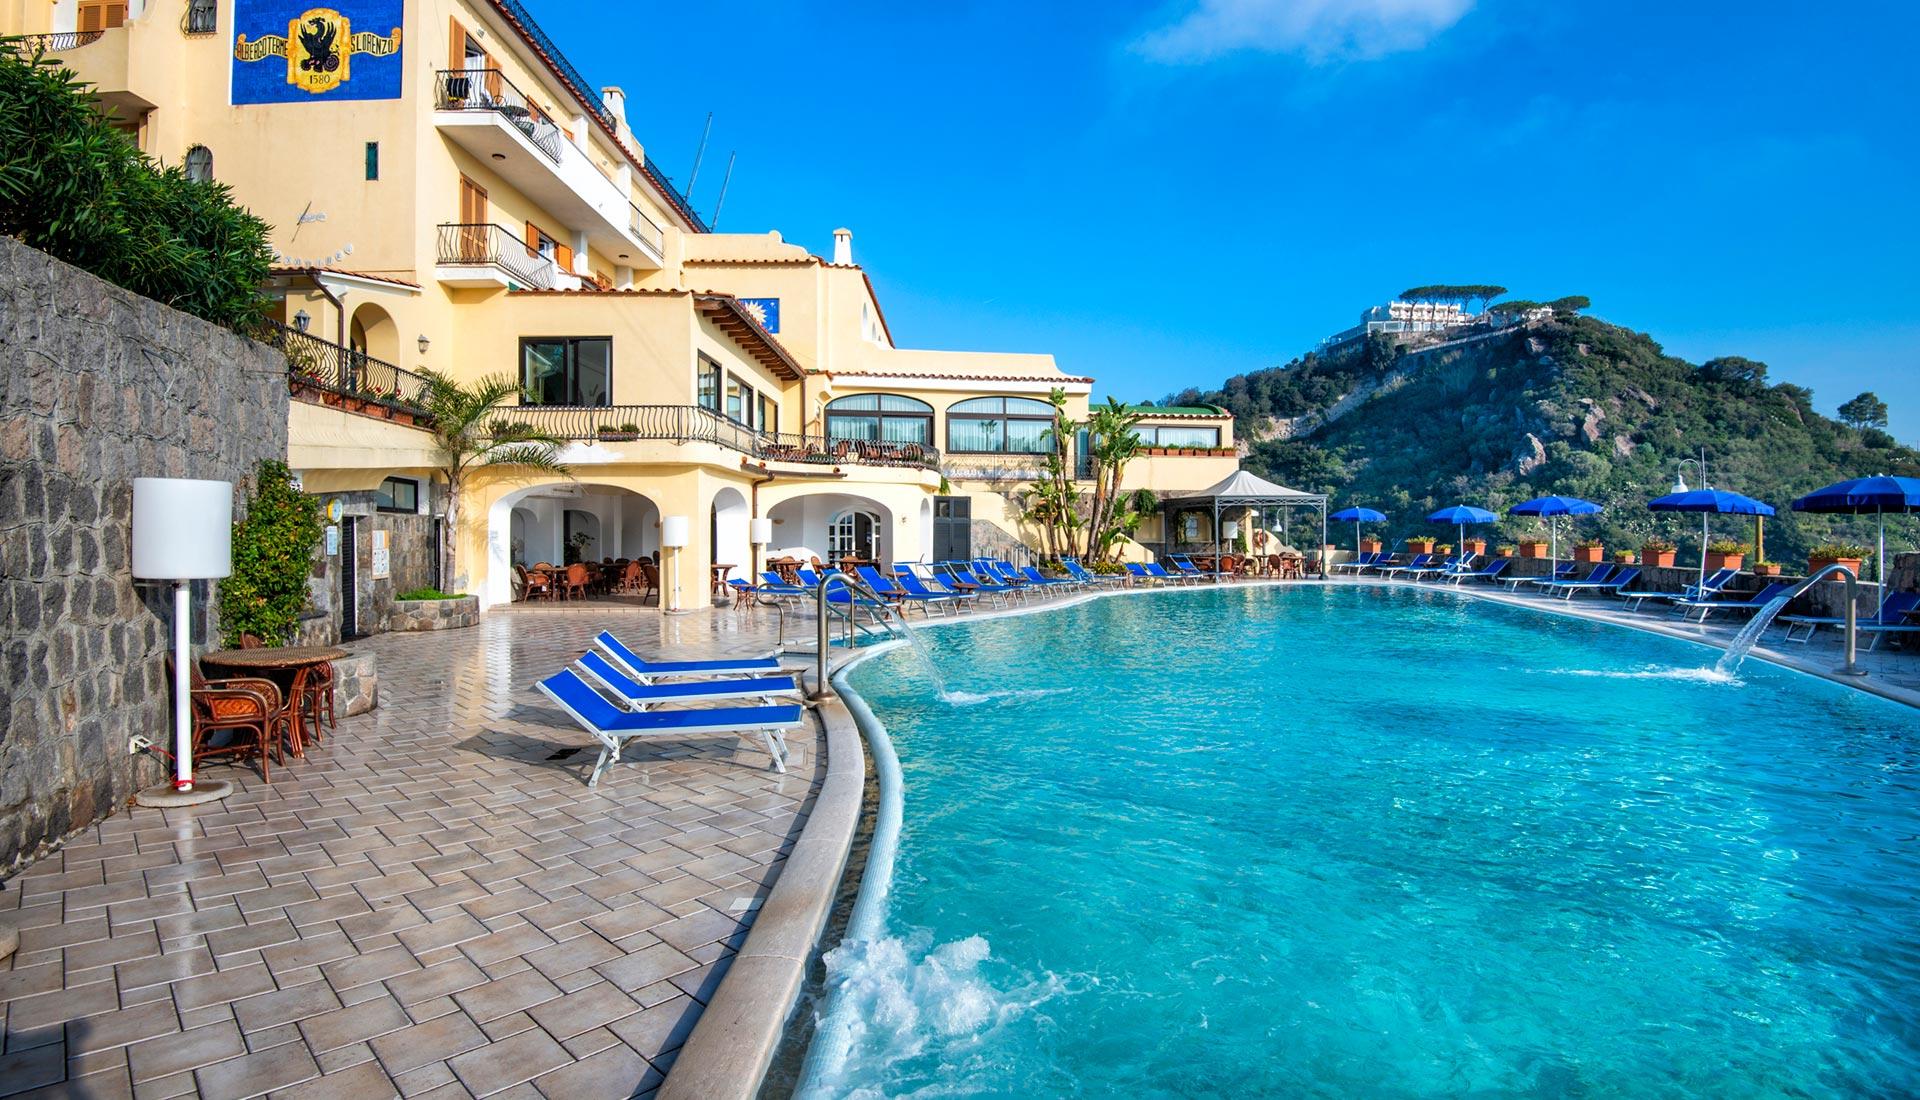 sanlorenzo piscine top